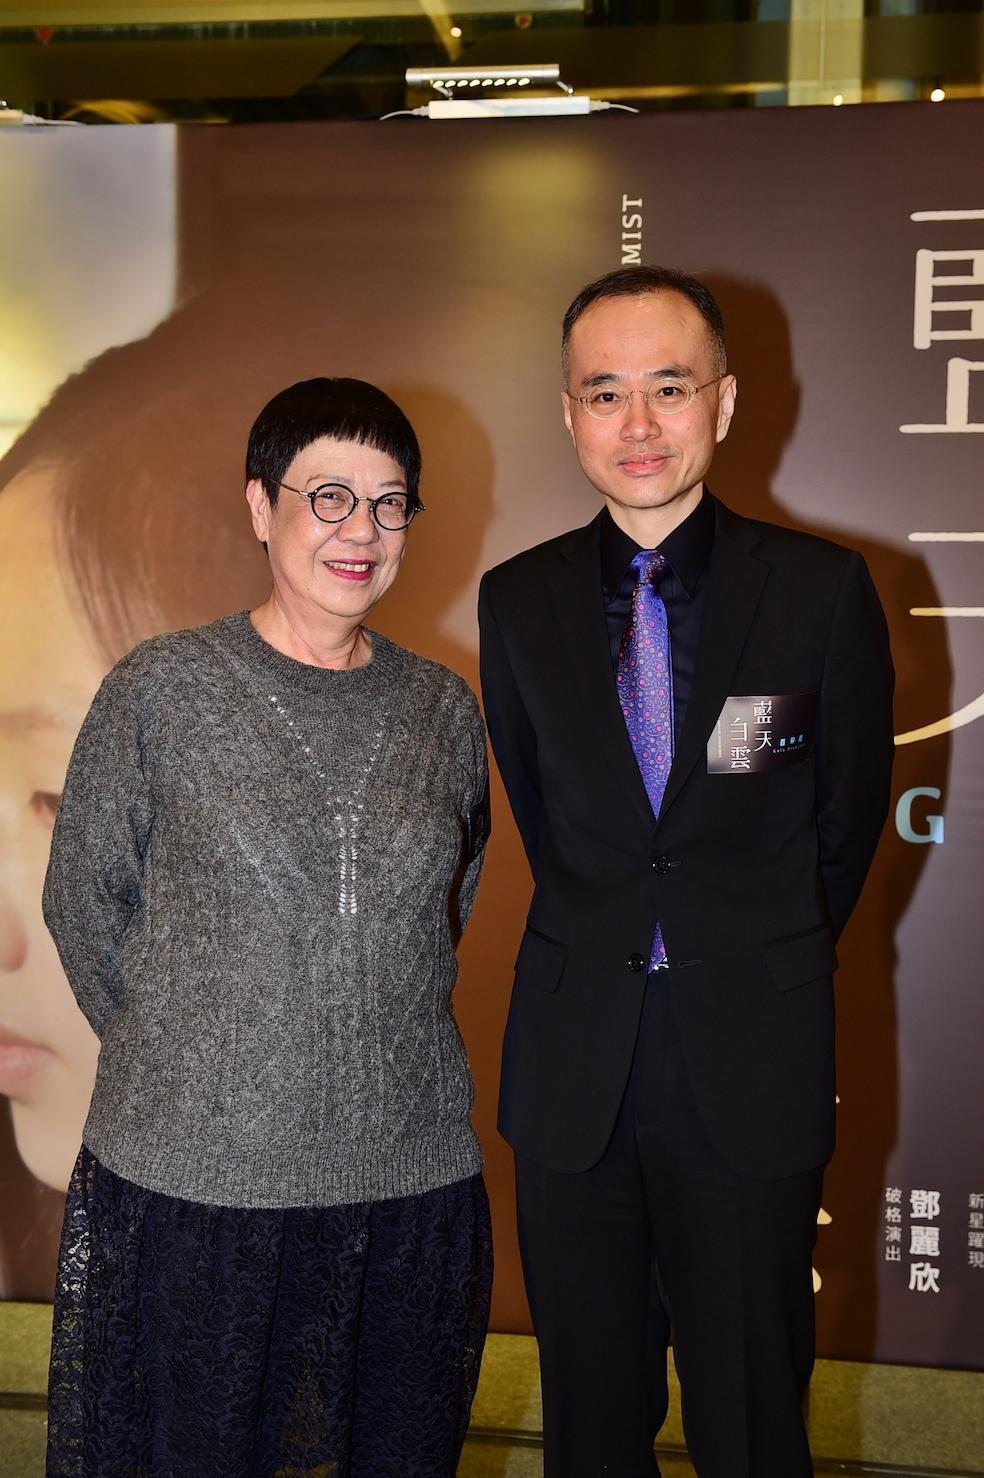 導演張經緯曾憑《音樂人生》獲金馬獎最佳紀錄片,許鞍華也相當欣賞他的才華,特地為《藍天白雲》擔任藝術顧問。(双喜提供)